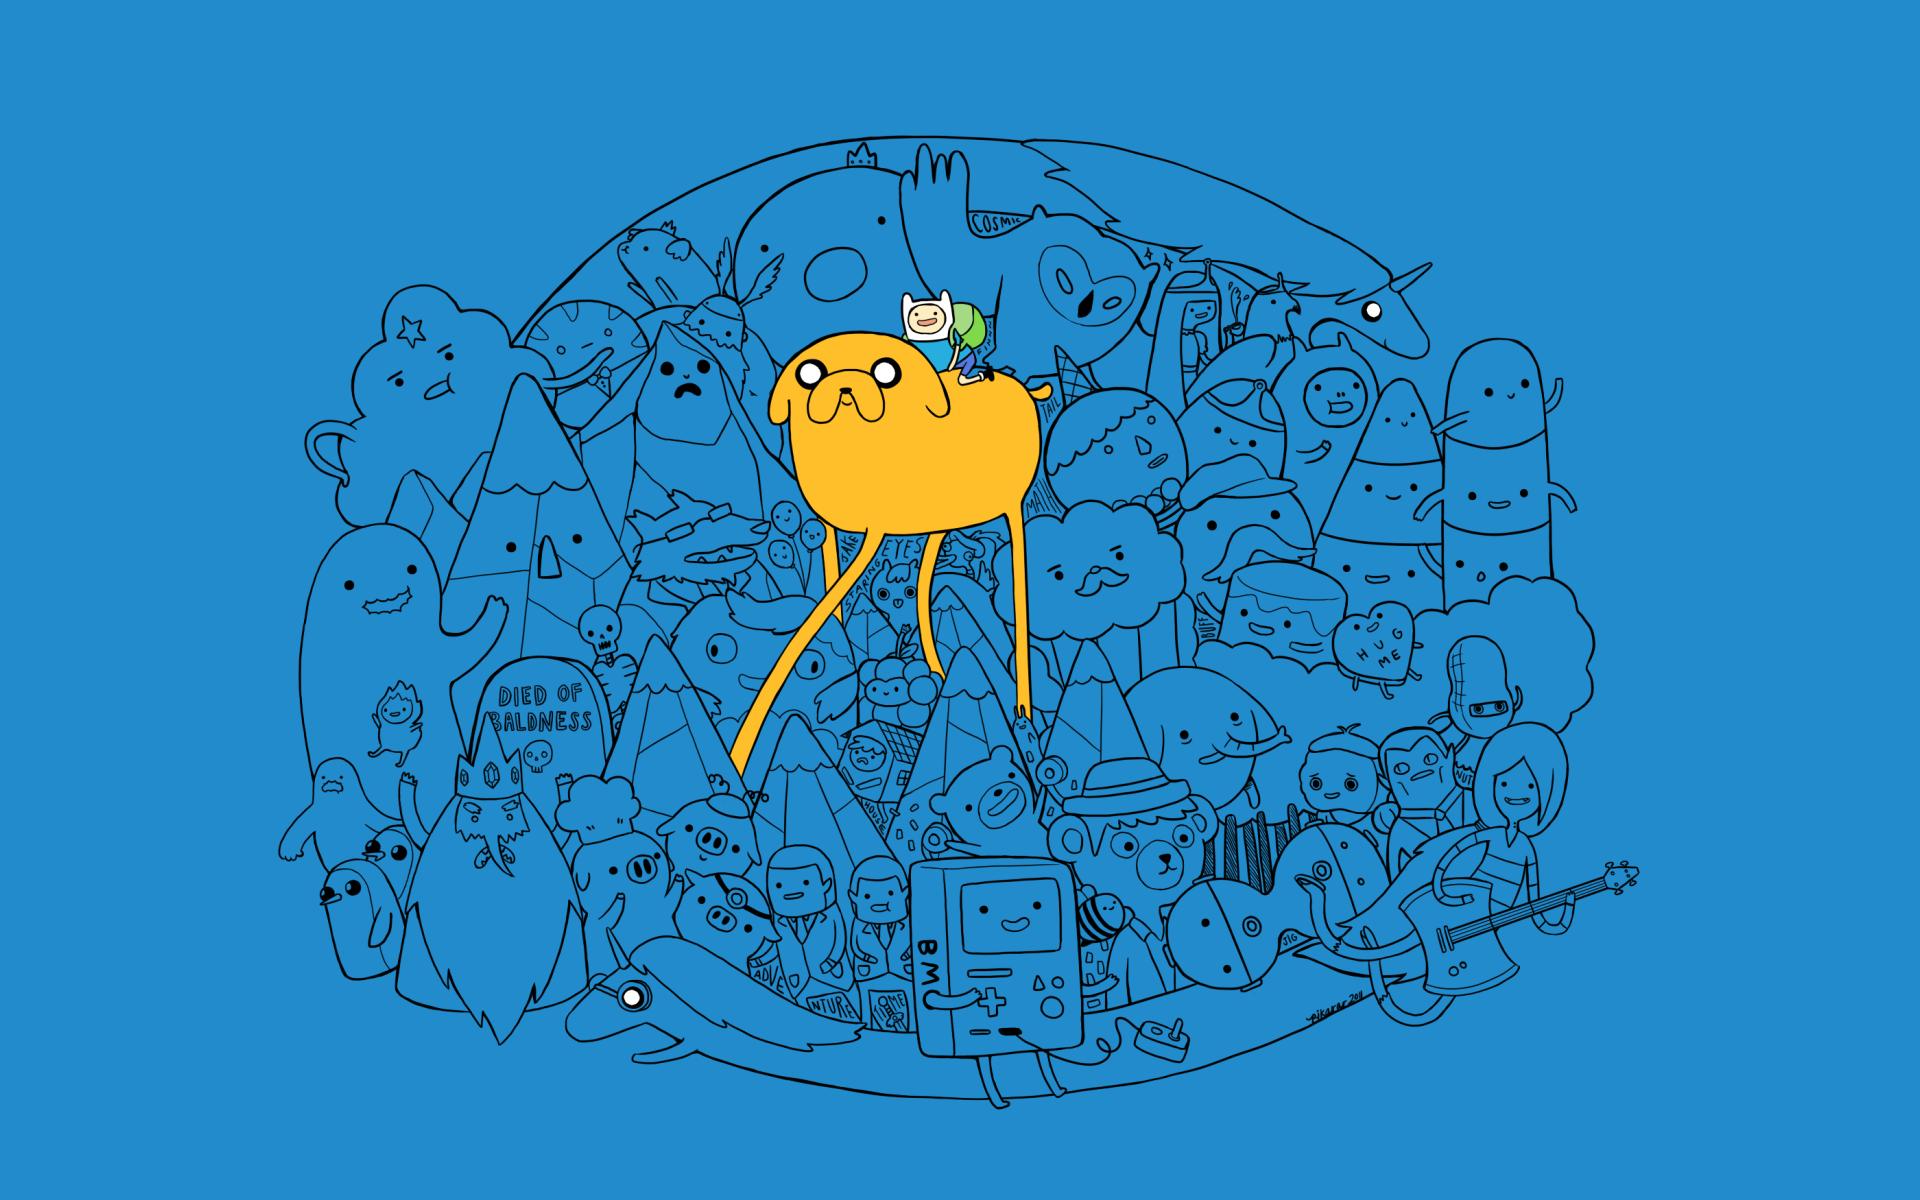 Cartoon Network Wallpaper 1920x1200 Cartoon Network Adventure Time 1920x1200